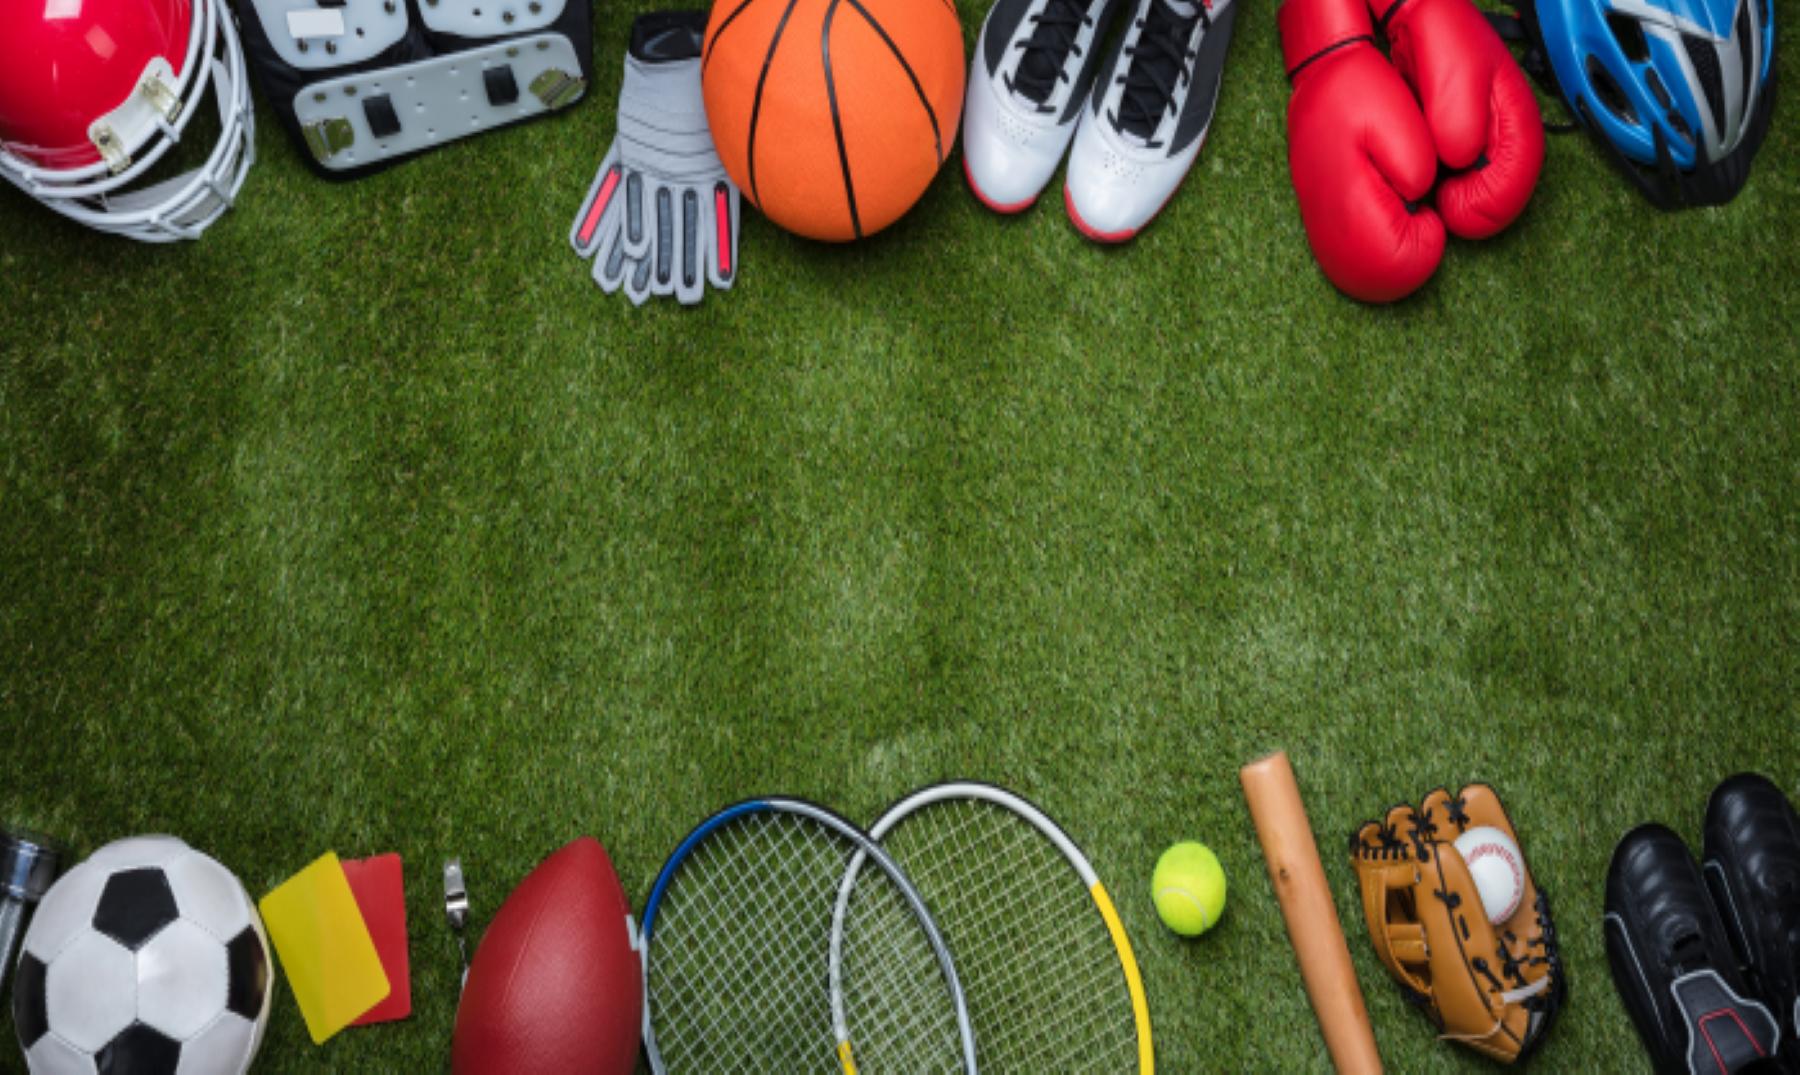 Prevención-y-acceso-a-la-atención-médica-relevantes-si-prácticas-algún-deporte.-1.png